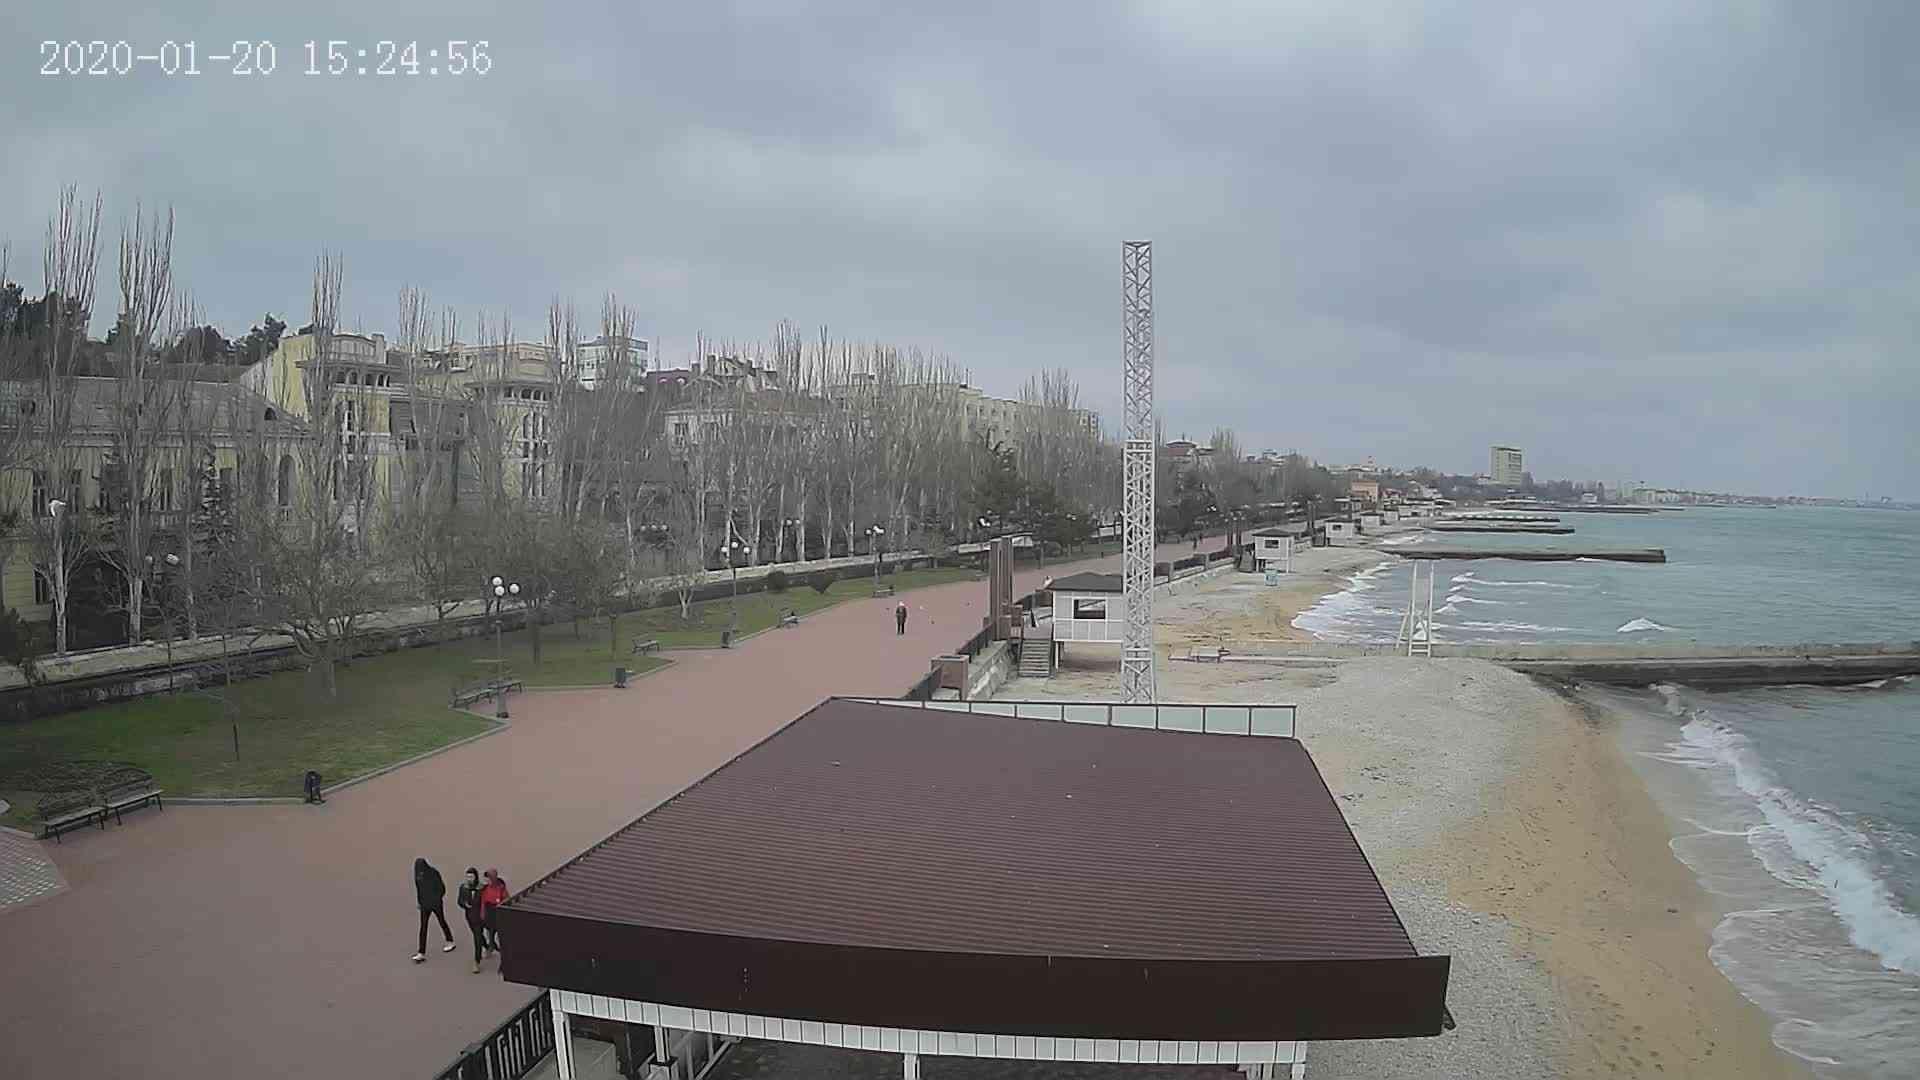 Веб-камеры Феодосии, Пляж Камешки, 2020-01-20 15:25:20